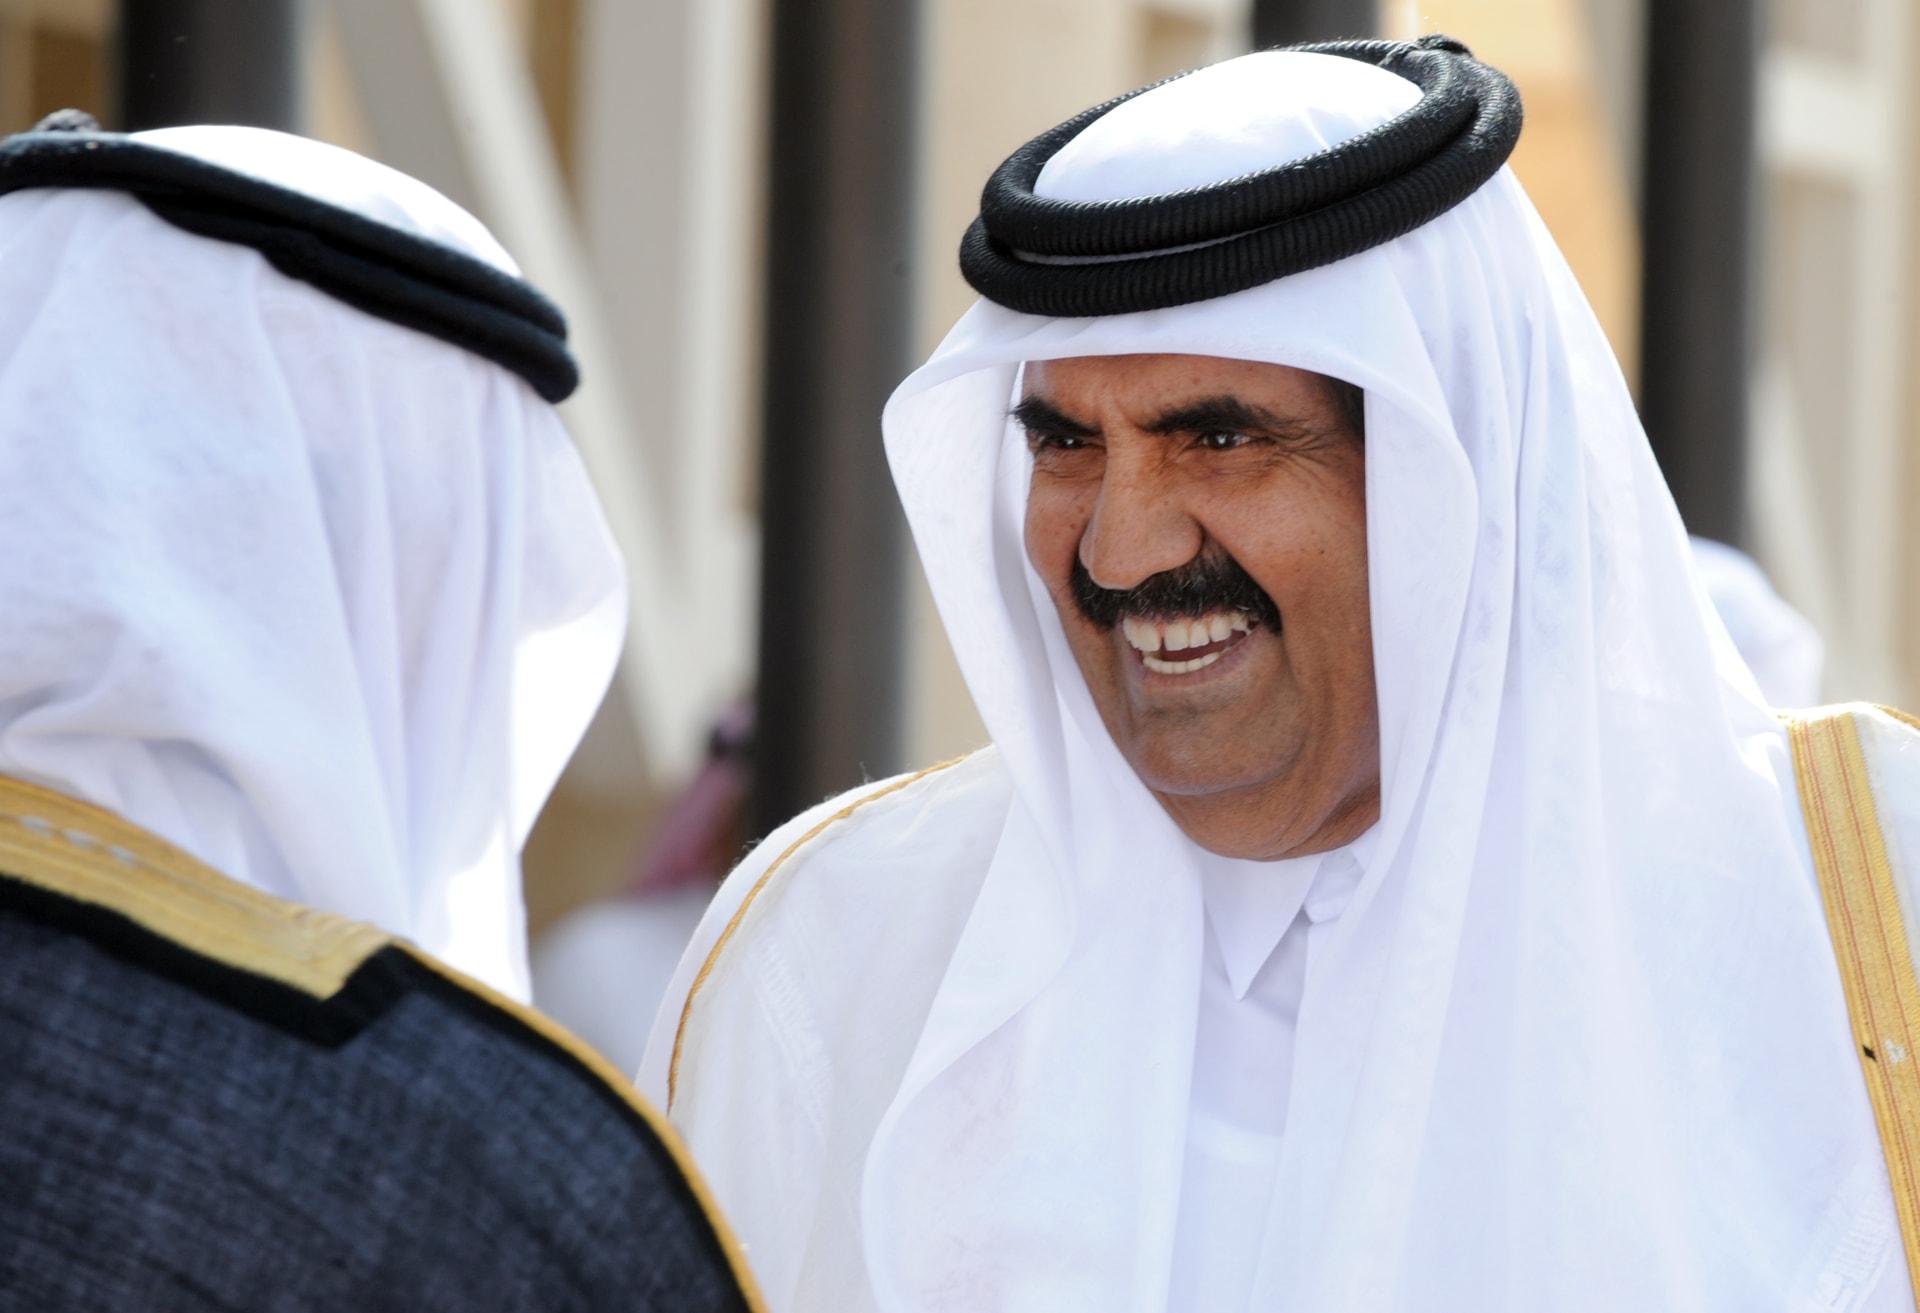 صورة أرشيفية للشيخ حمد بن خليفة